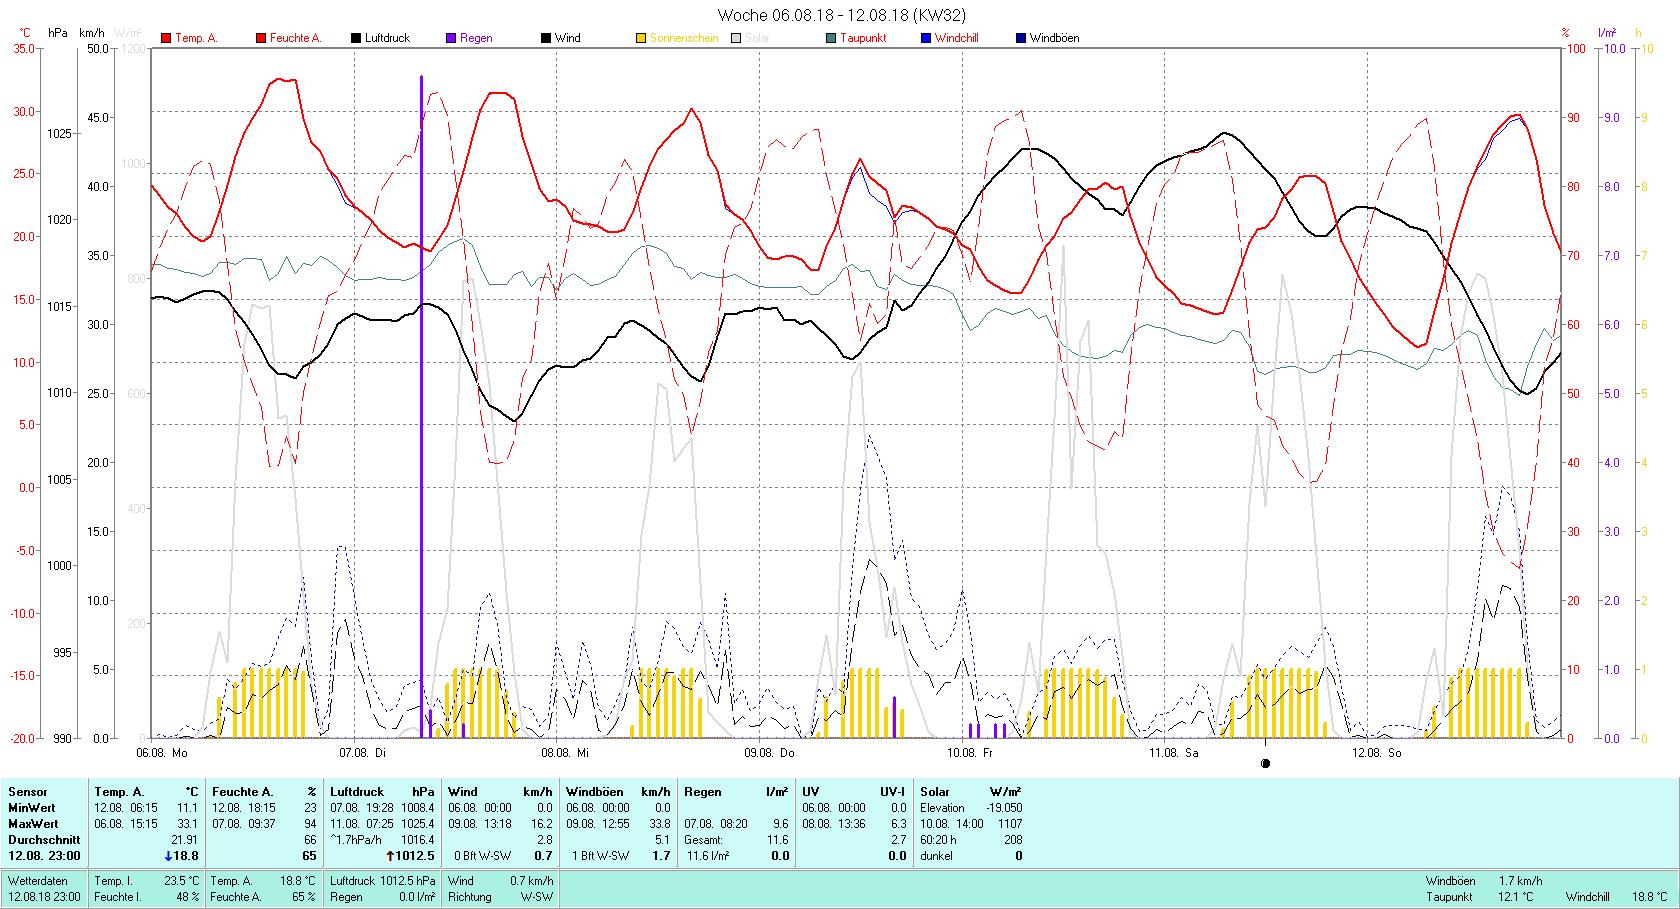 KW 32 Tmin 11.1°C, Tmax 33.1°C, Sonne 60:20 h Niederschlag 11.6 mm2